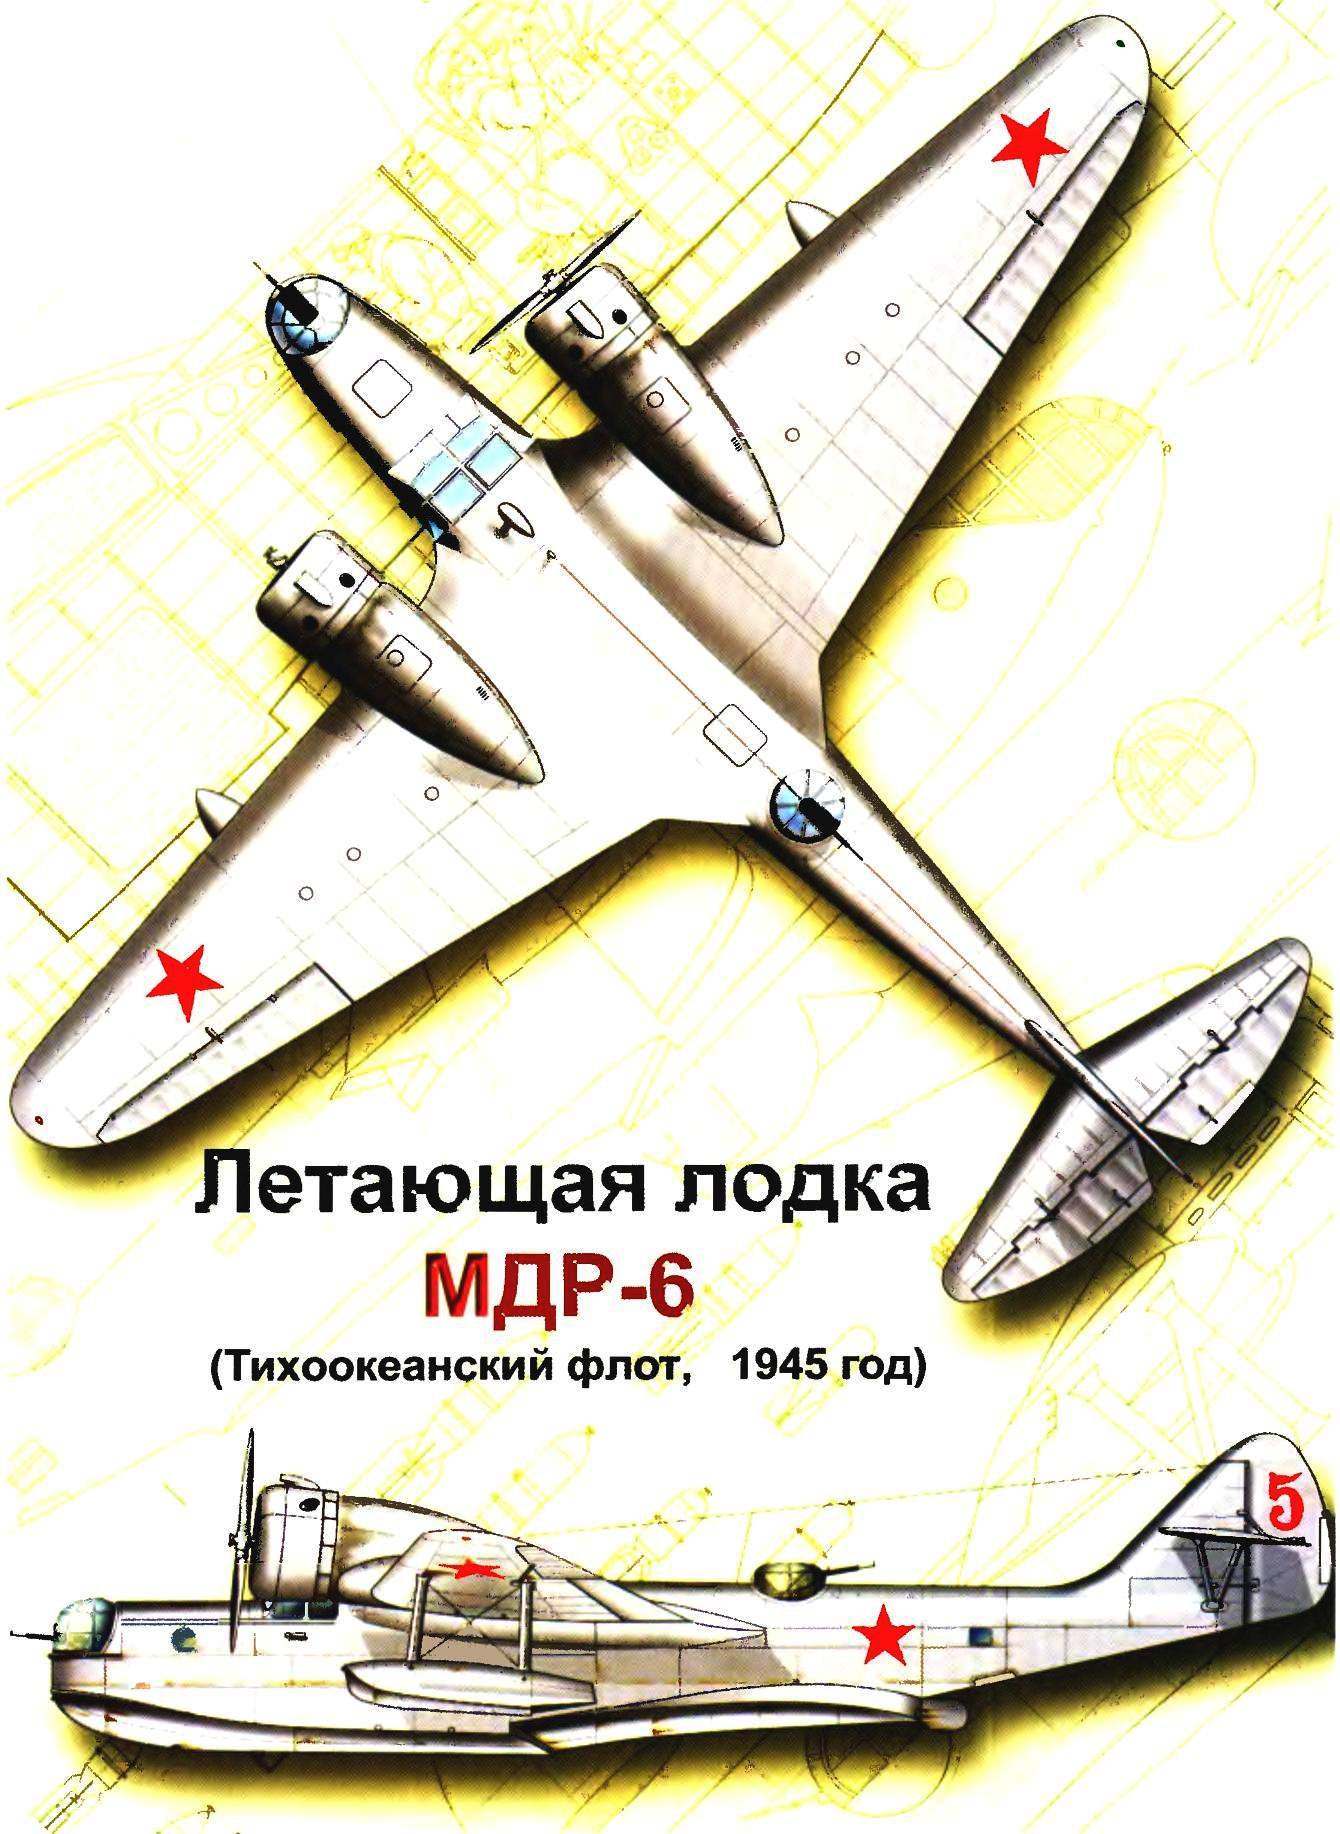 МДР-6